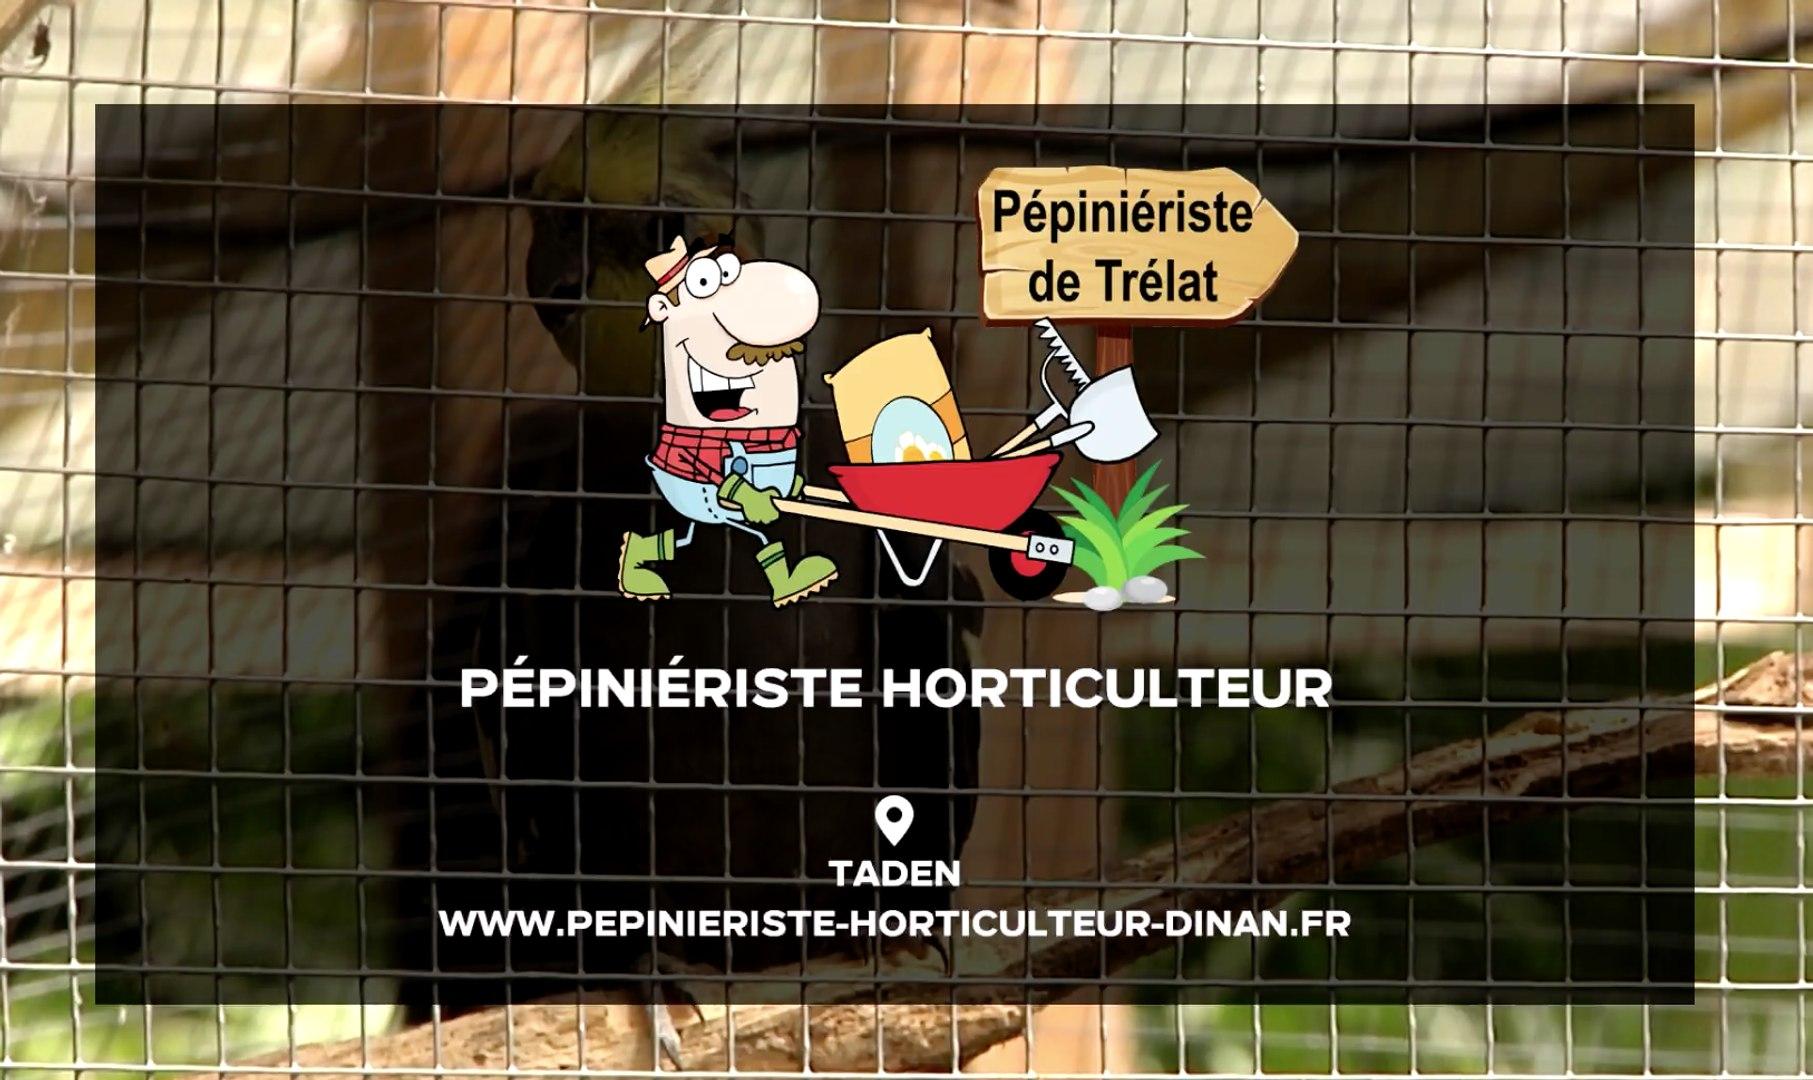 Horticulteur Val D Oise pépinière - horticulture - plantes, arbres, fleurs - aménagement - jardin à  taden (22)